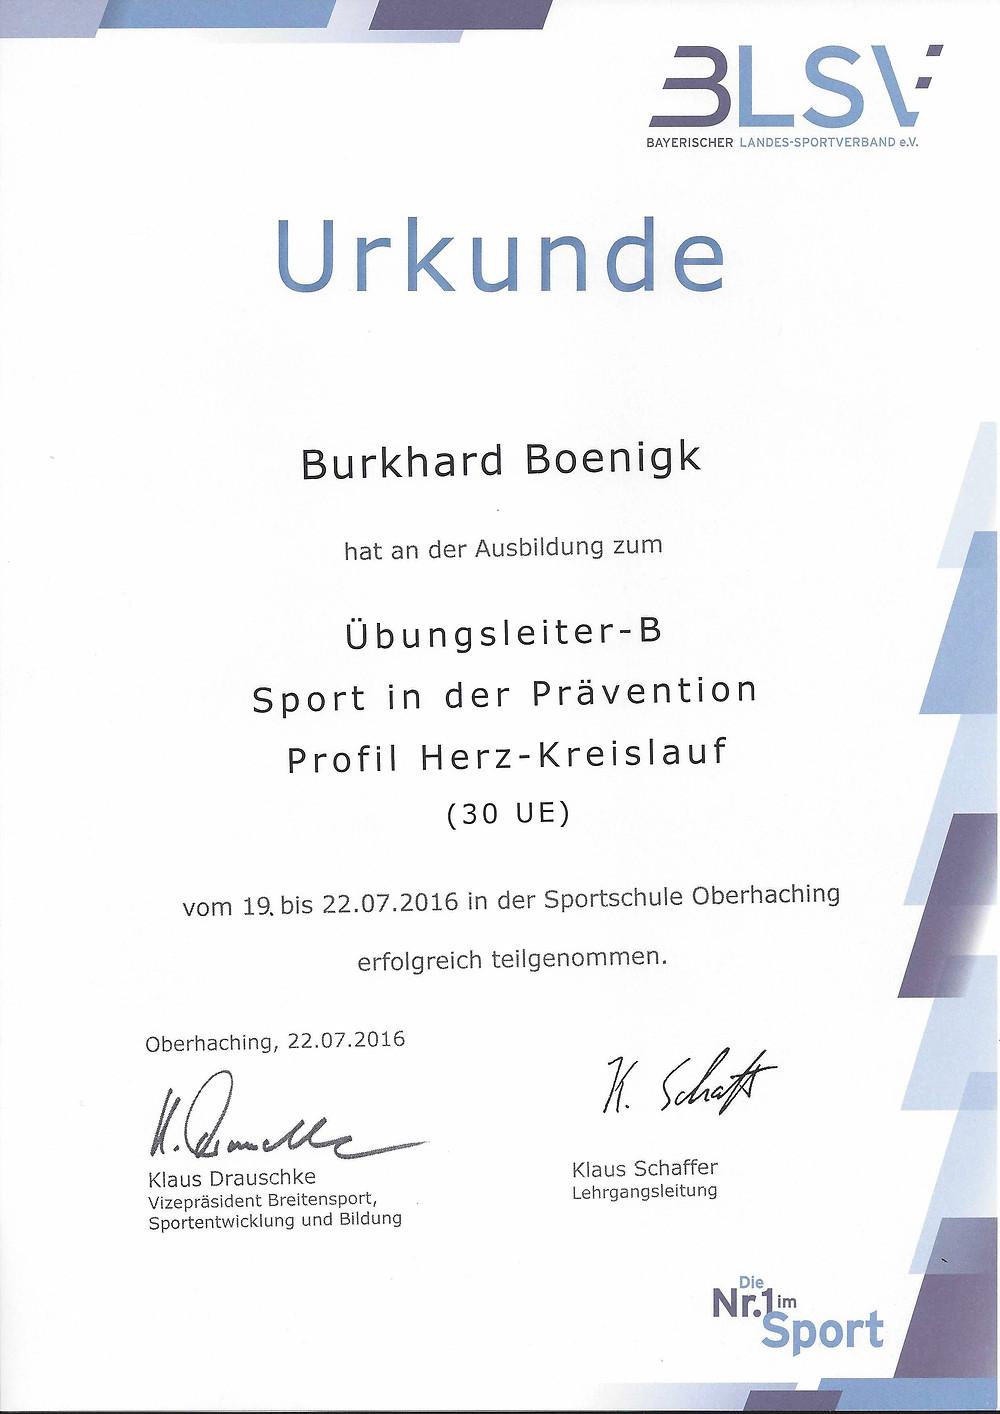 Laufinstinkt Schwaben Augsburg - BLSV-Übungsleiter-B Sport in der Prävention - Herz-Kreislauf-Training